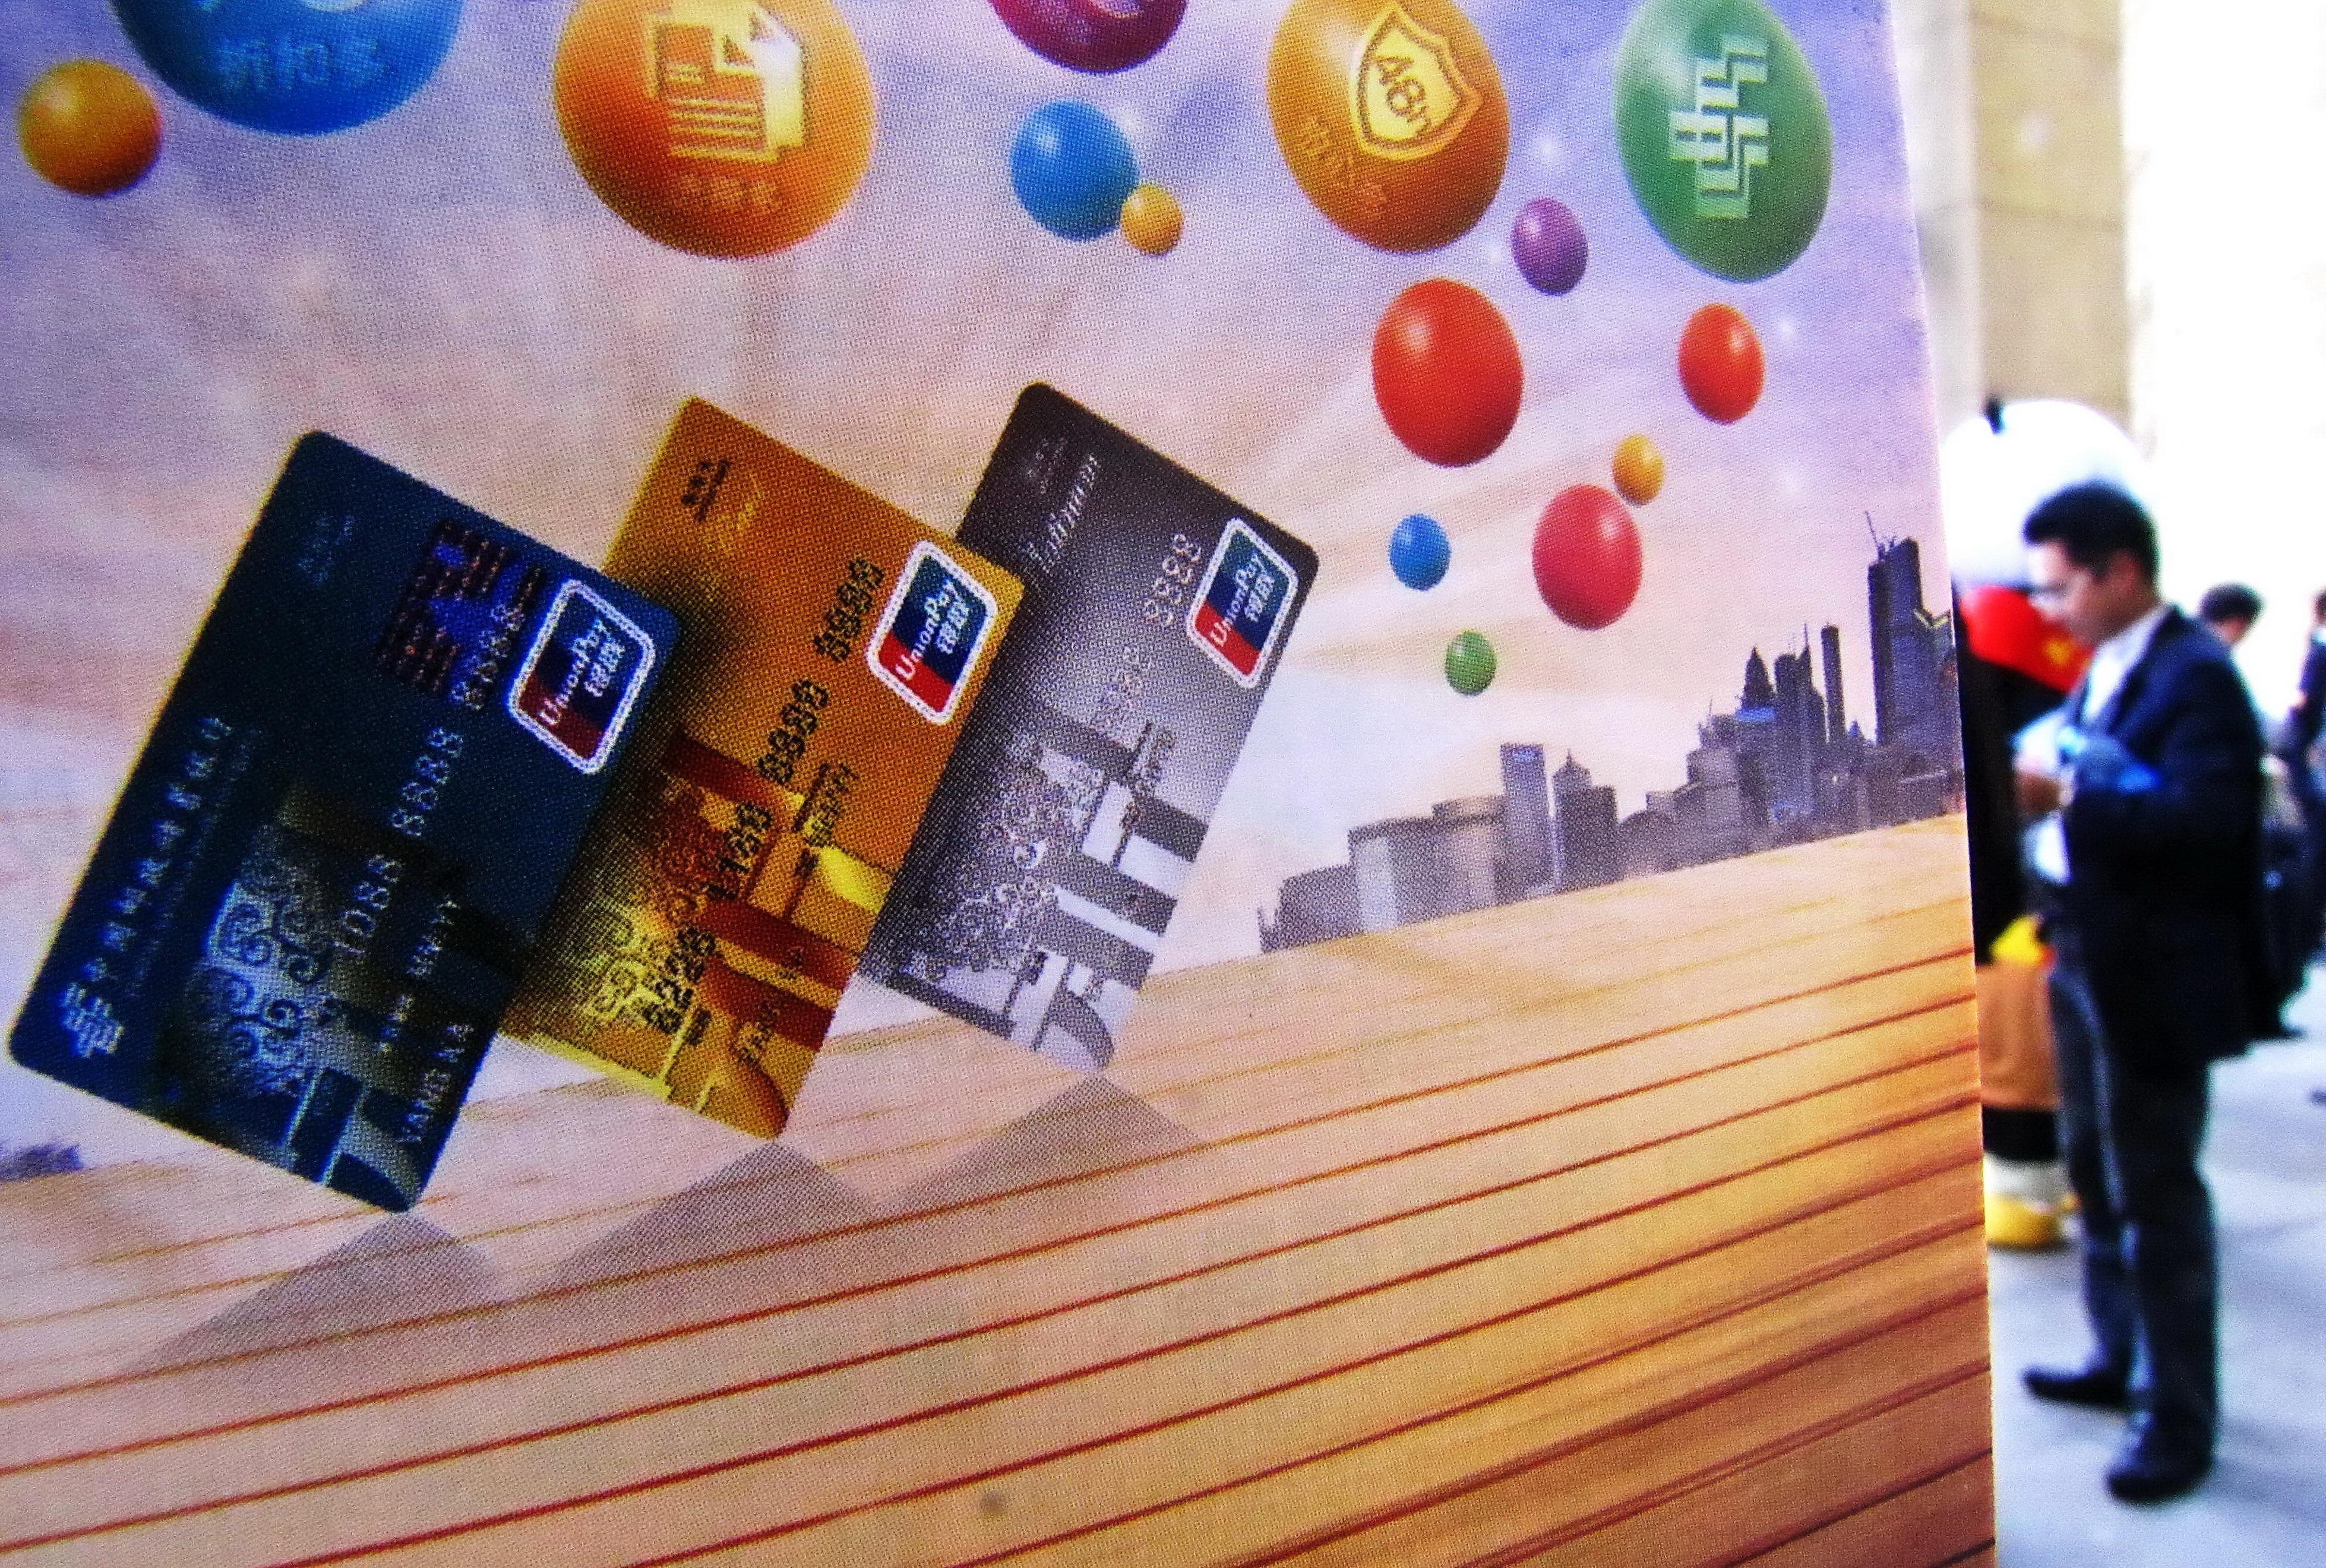 手持19家银行信用卡,总授信800w+,学会其一点就了不得!